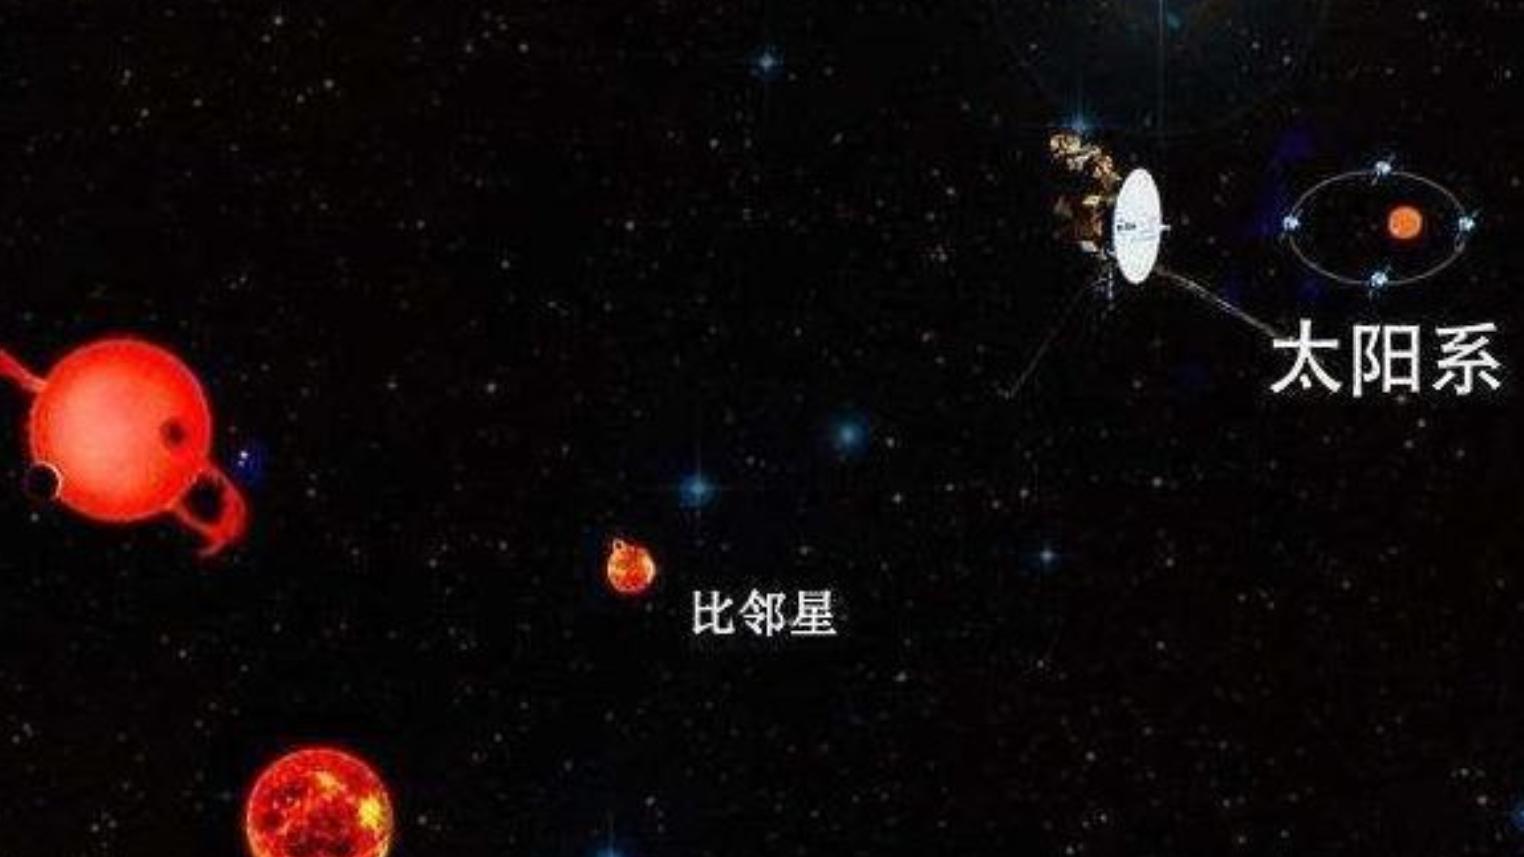 《流浪地球》中人类最终的目的地是哪?